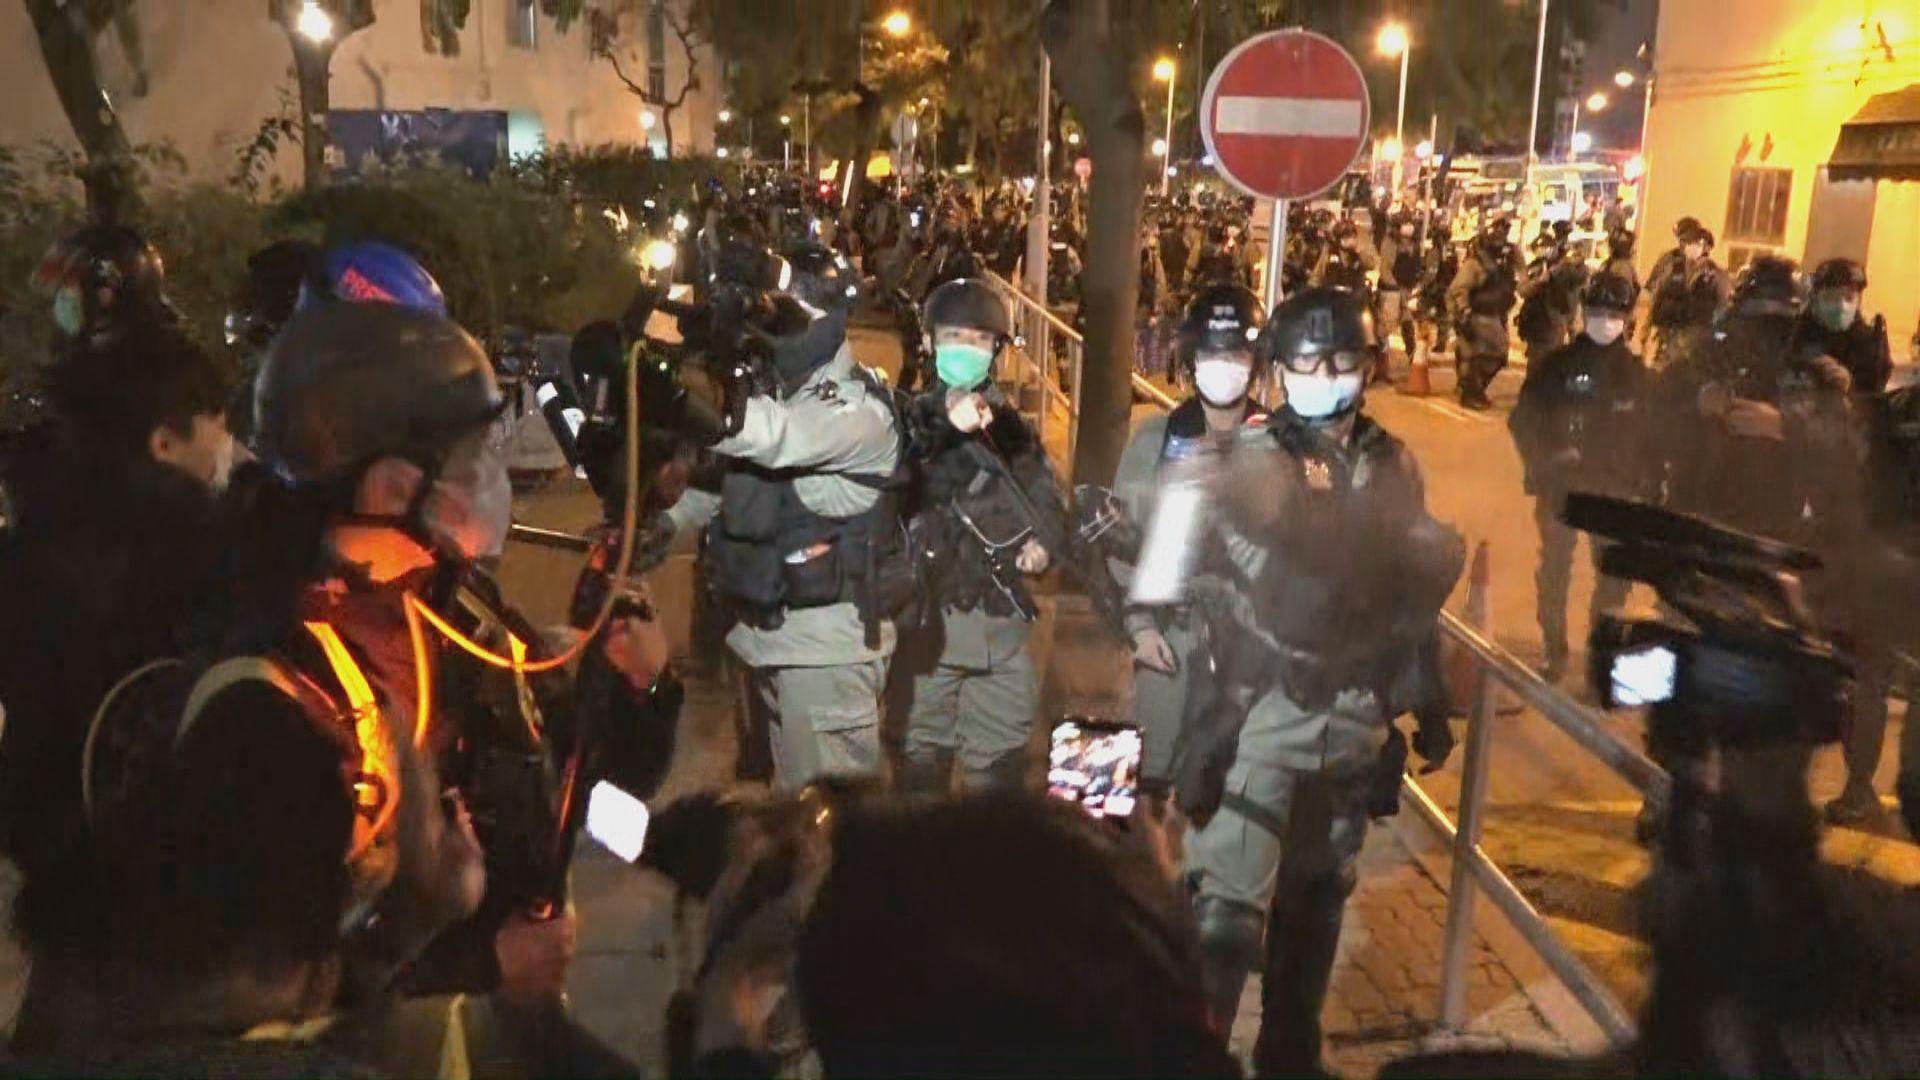 九龍灣居民遊行反對設指定診所 防暴警施放胡椒噴霧